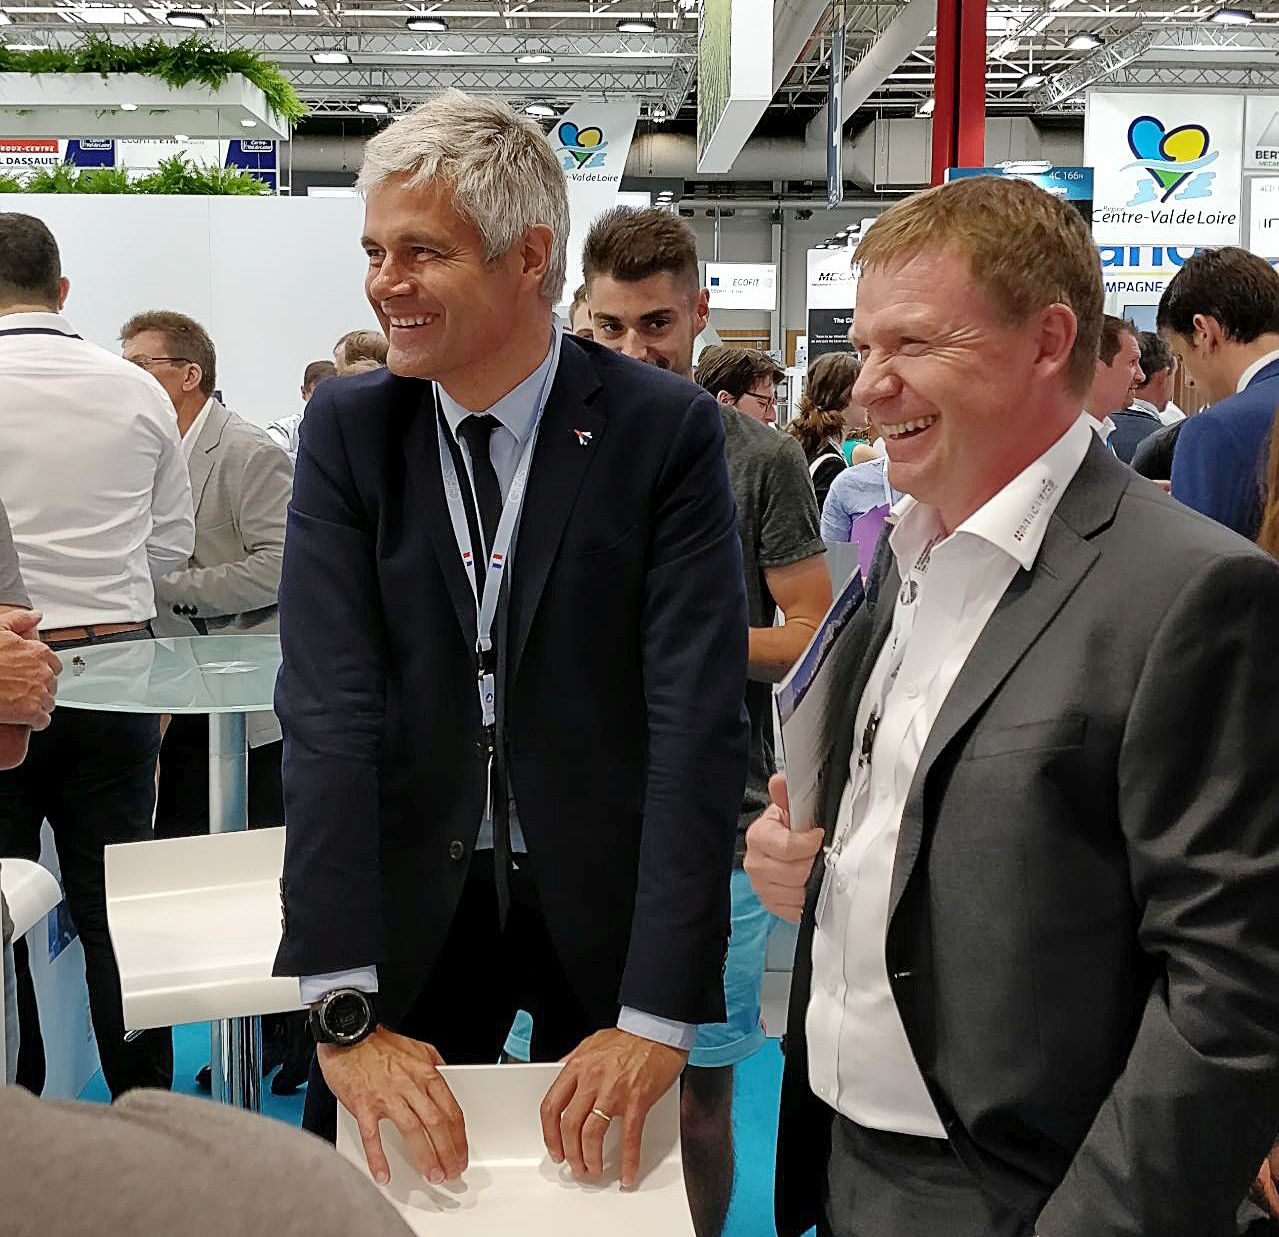 Electrobroche-Concept Bourget 2019 Visite Laurent Wauquiez